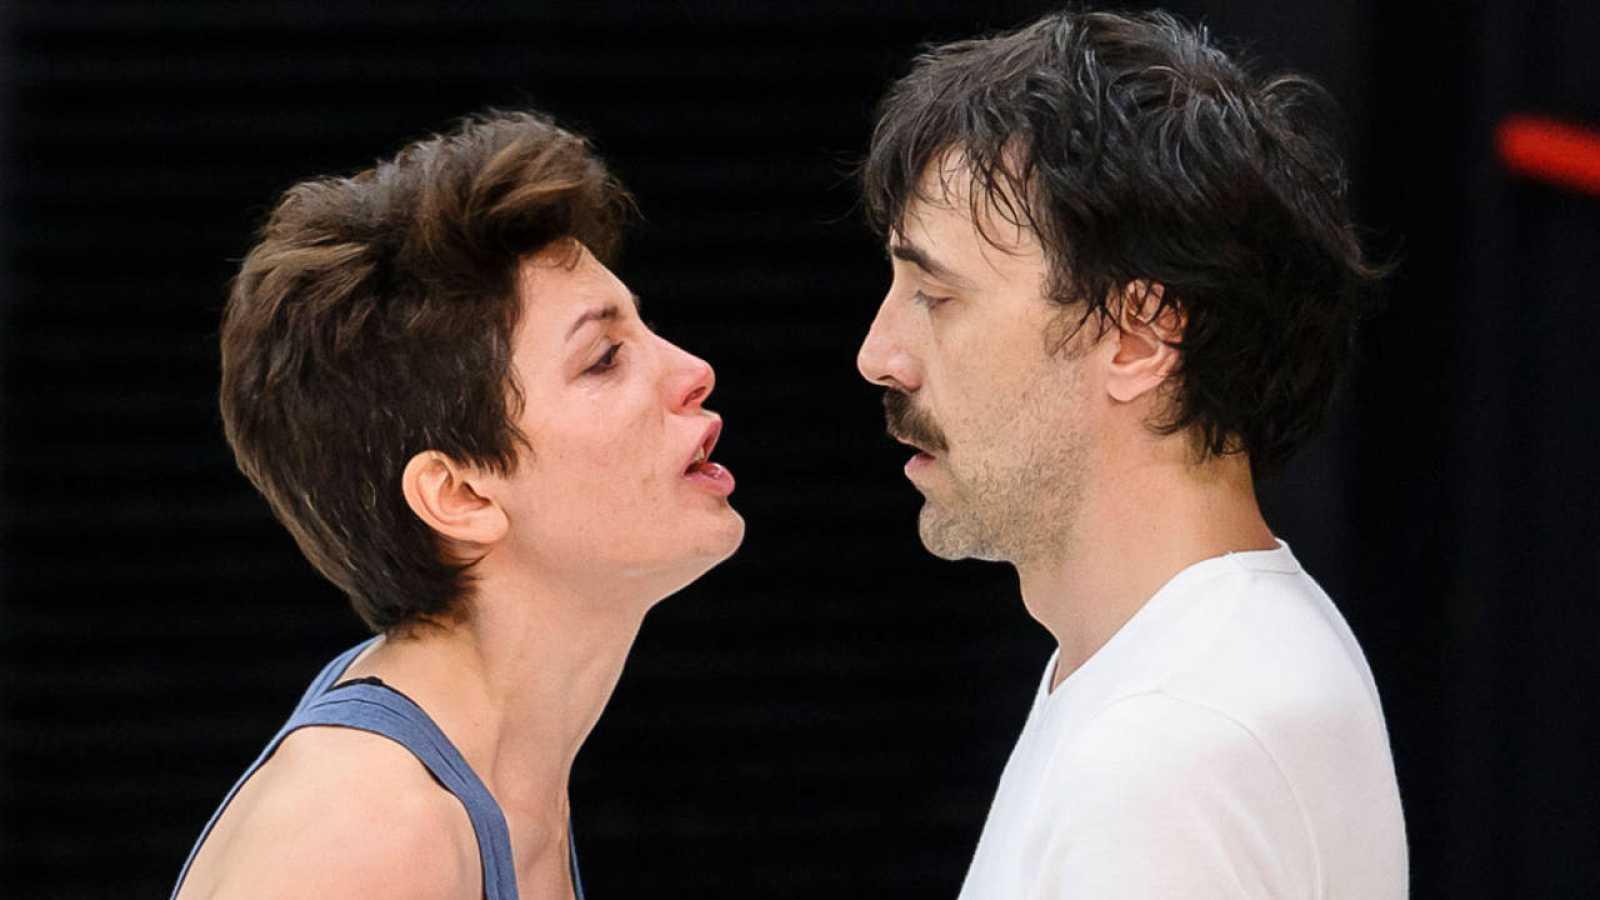 Bárbara Lennie e Israel Elejalde representan 'La clausura del amor' en los Teatros del Canal de Madrid.